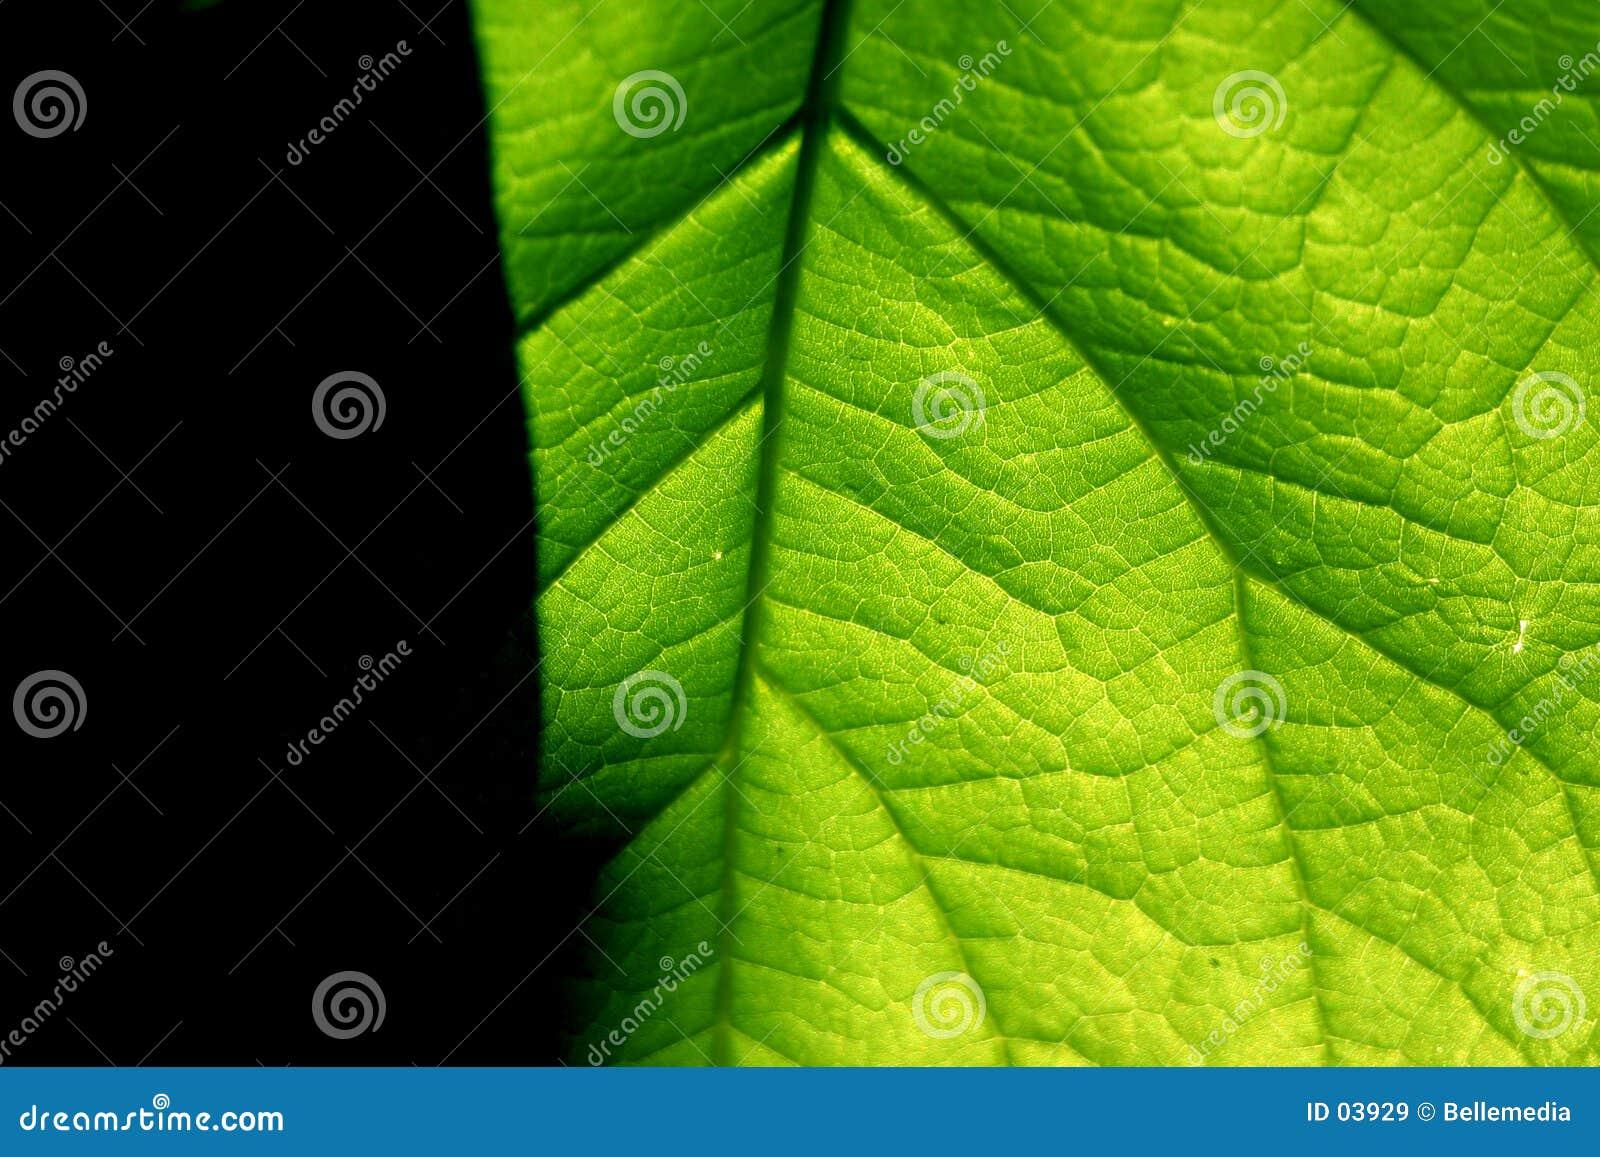 Groen contrast